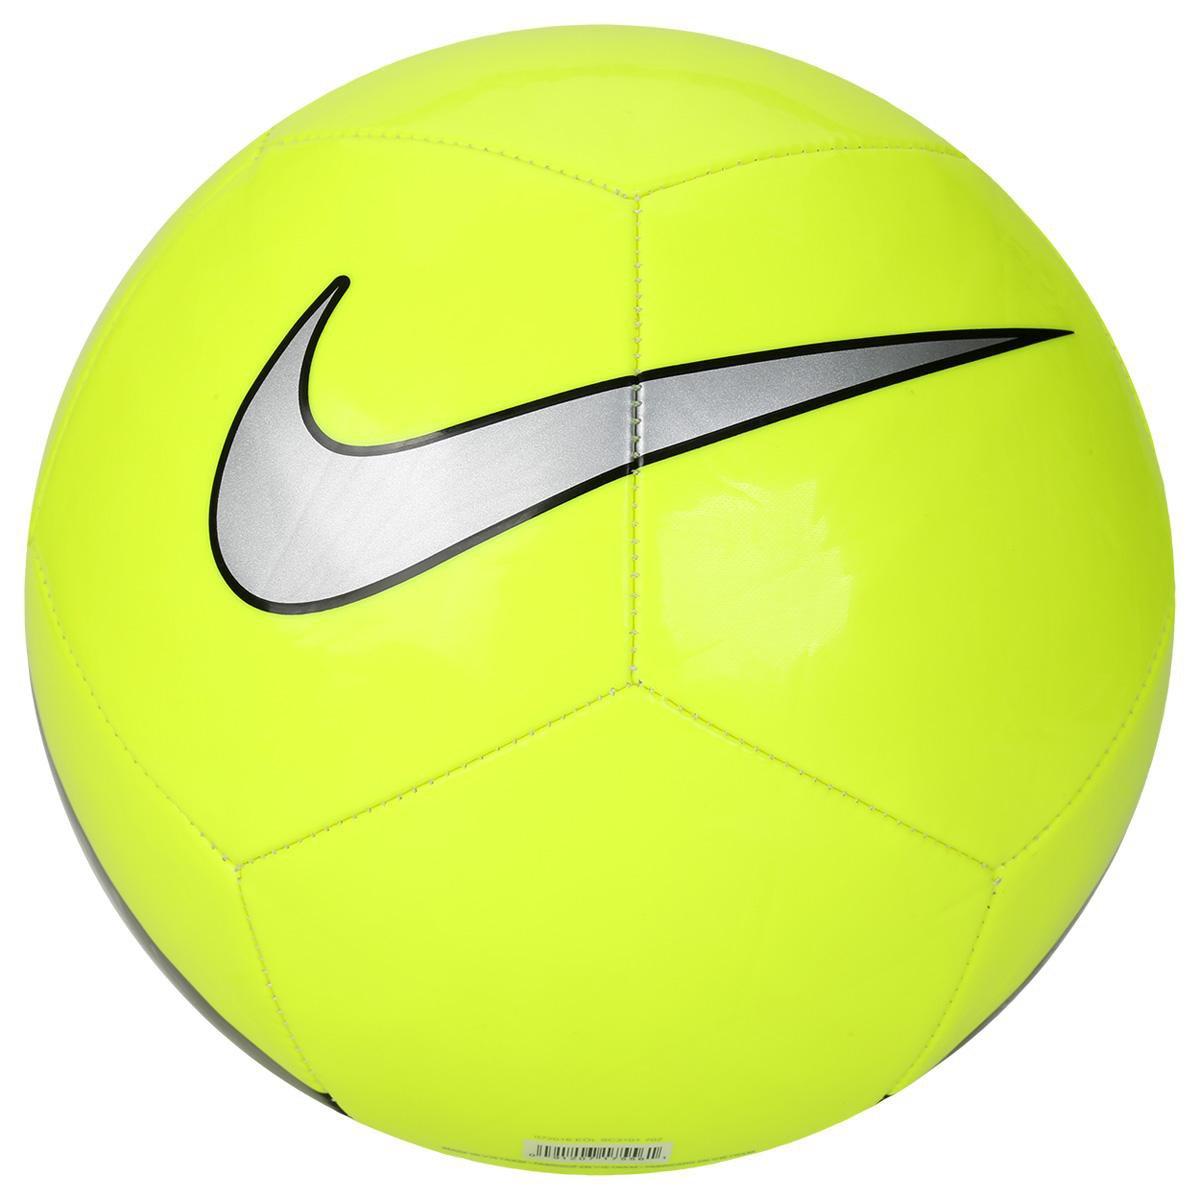 Bola Futebol Campo Nike Pitch Trainning - Verde Limão - Compre Agora ... c5e43de214245